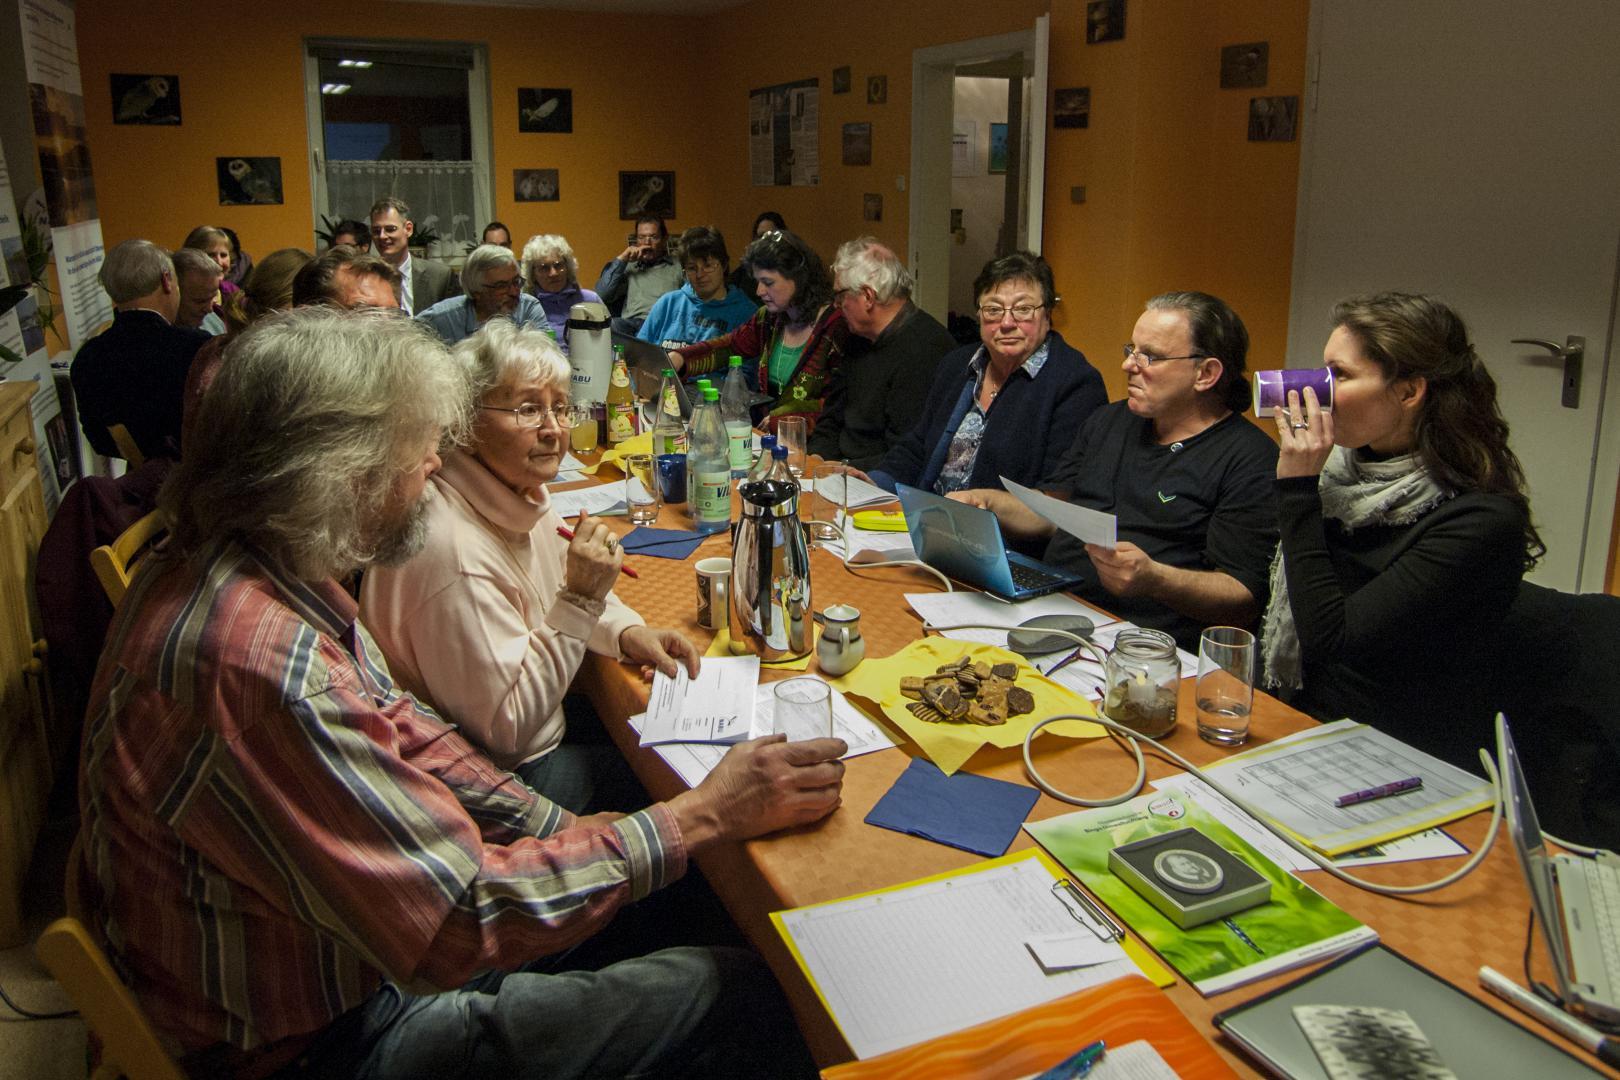 Die Jahreshauptversammlung im März 2015 im NUZ war gut besucht. - Foto: Kathy Büscher